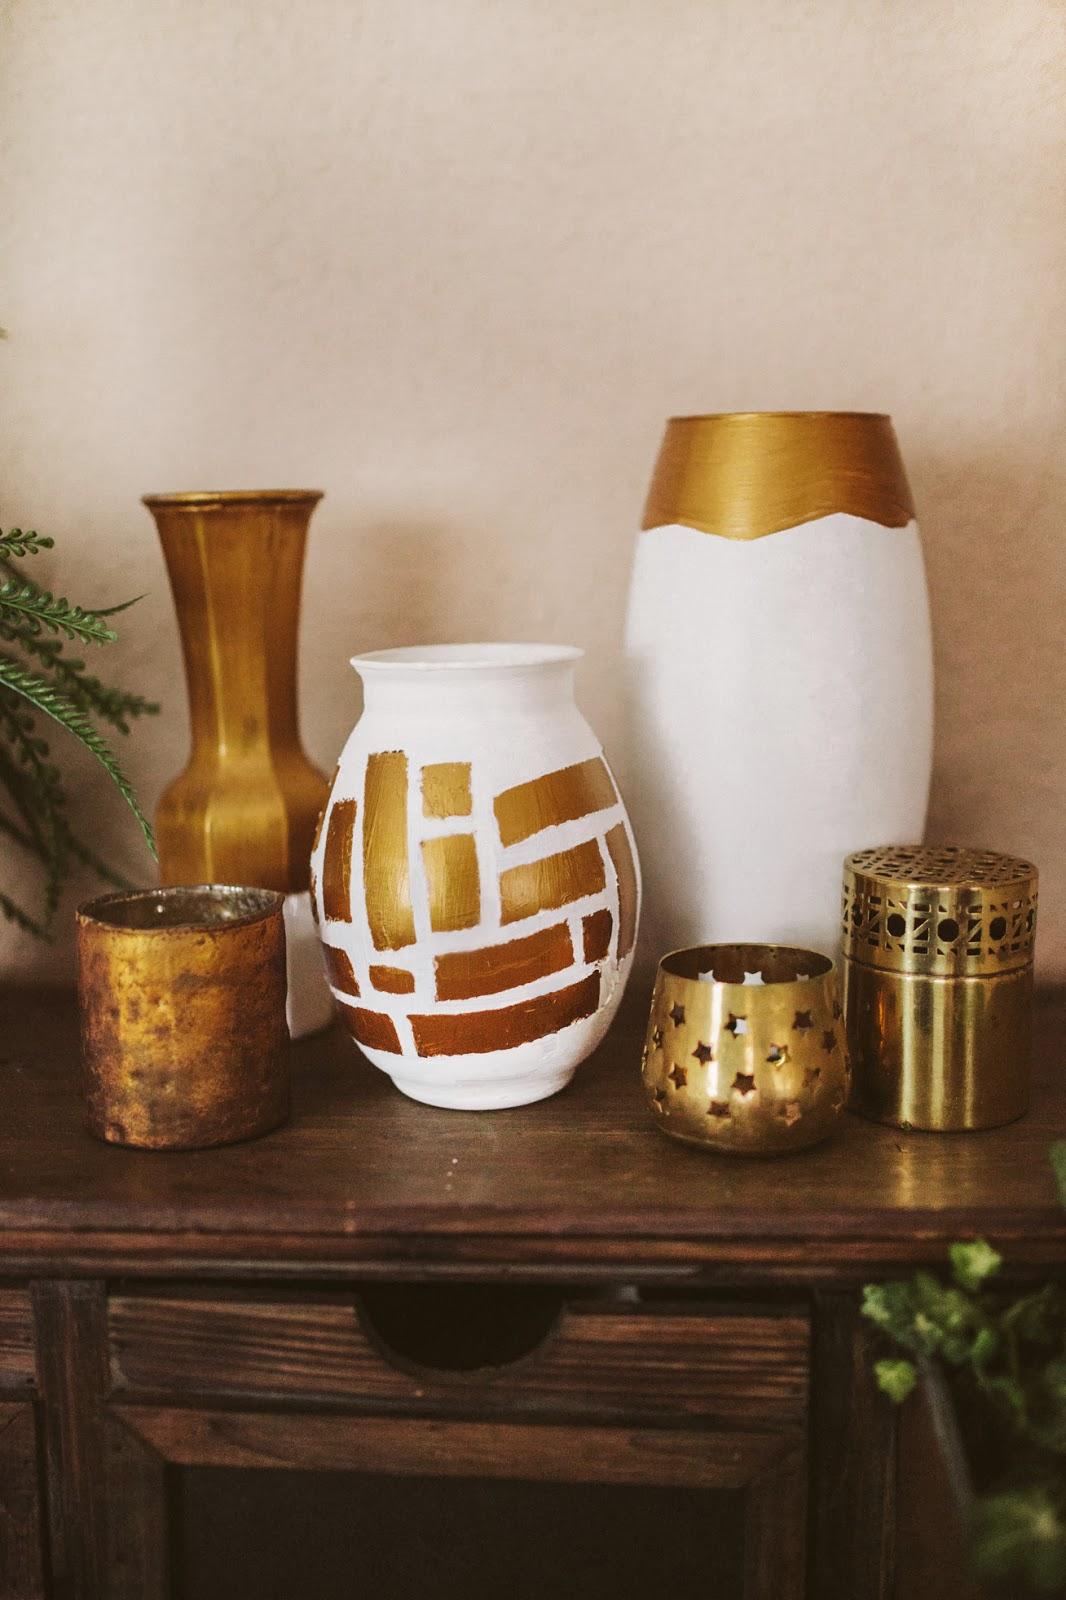 Декор вазы золотой краской